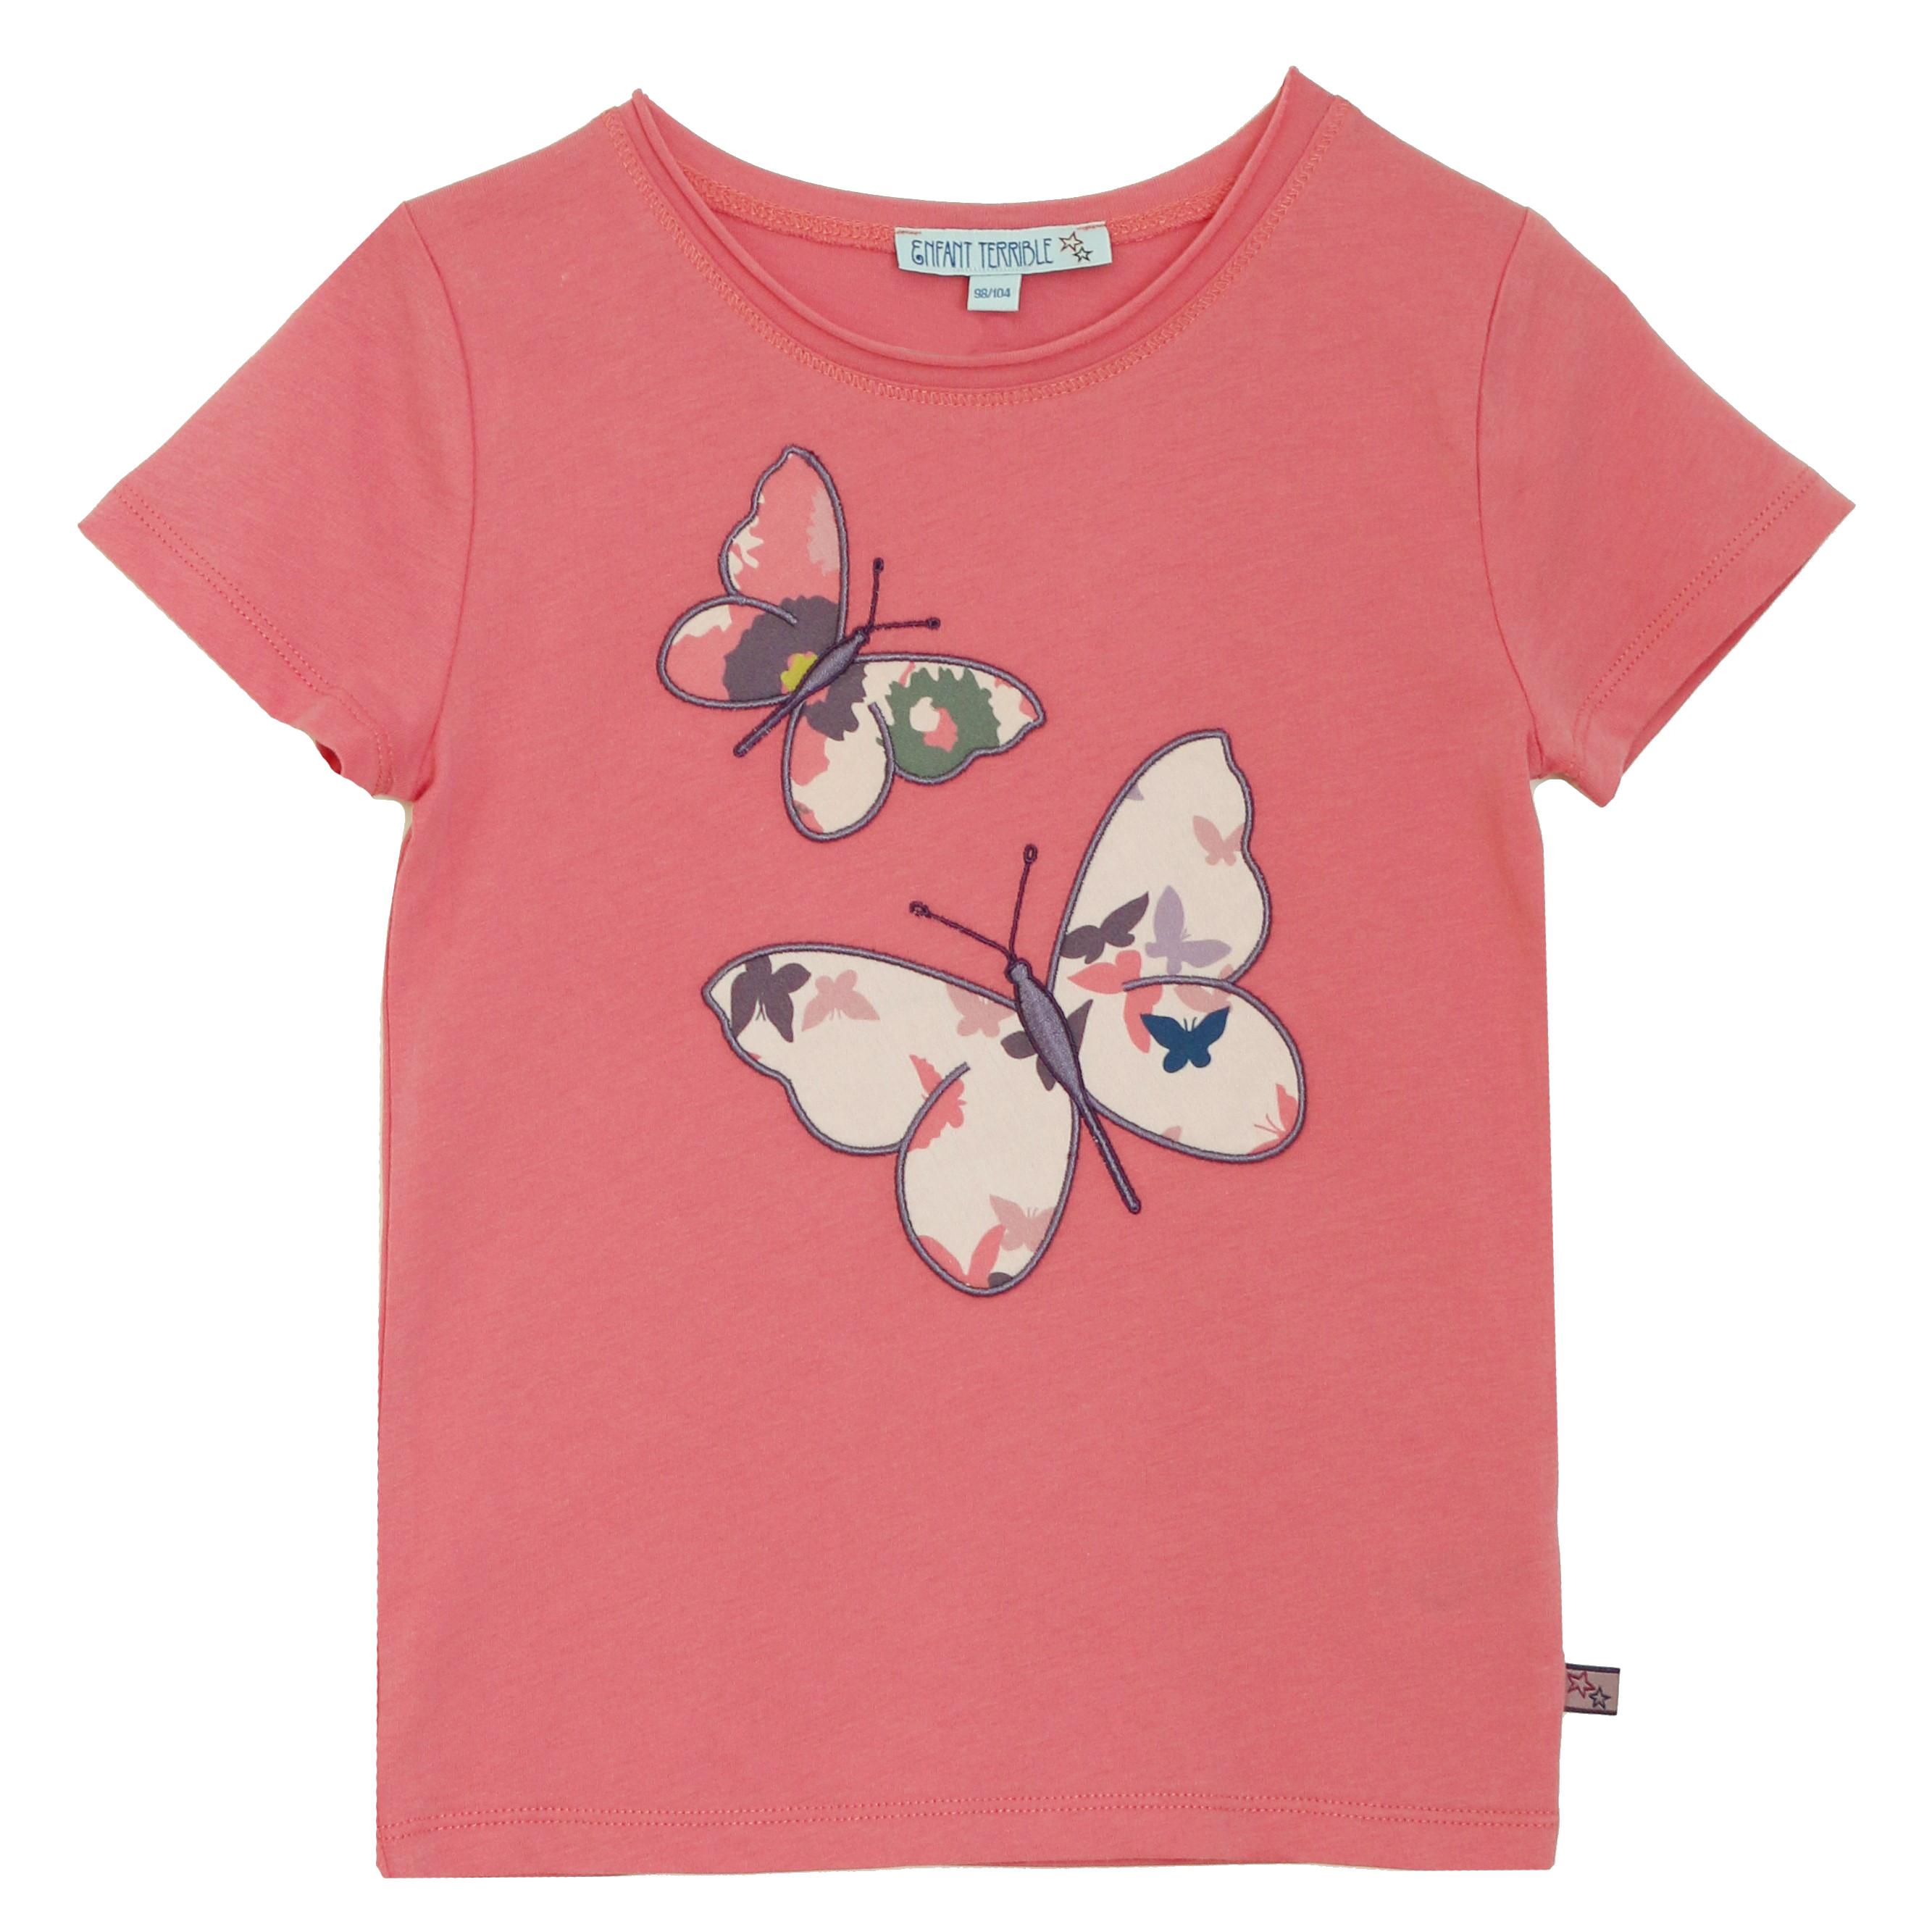 Enfant Terrible Bio Mädchen Shirt Schmetterlinge | greenstories